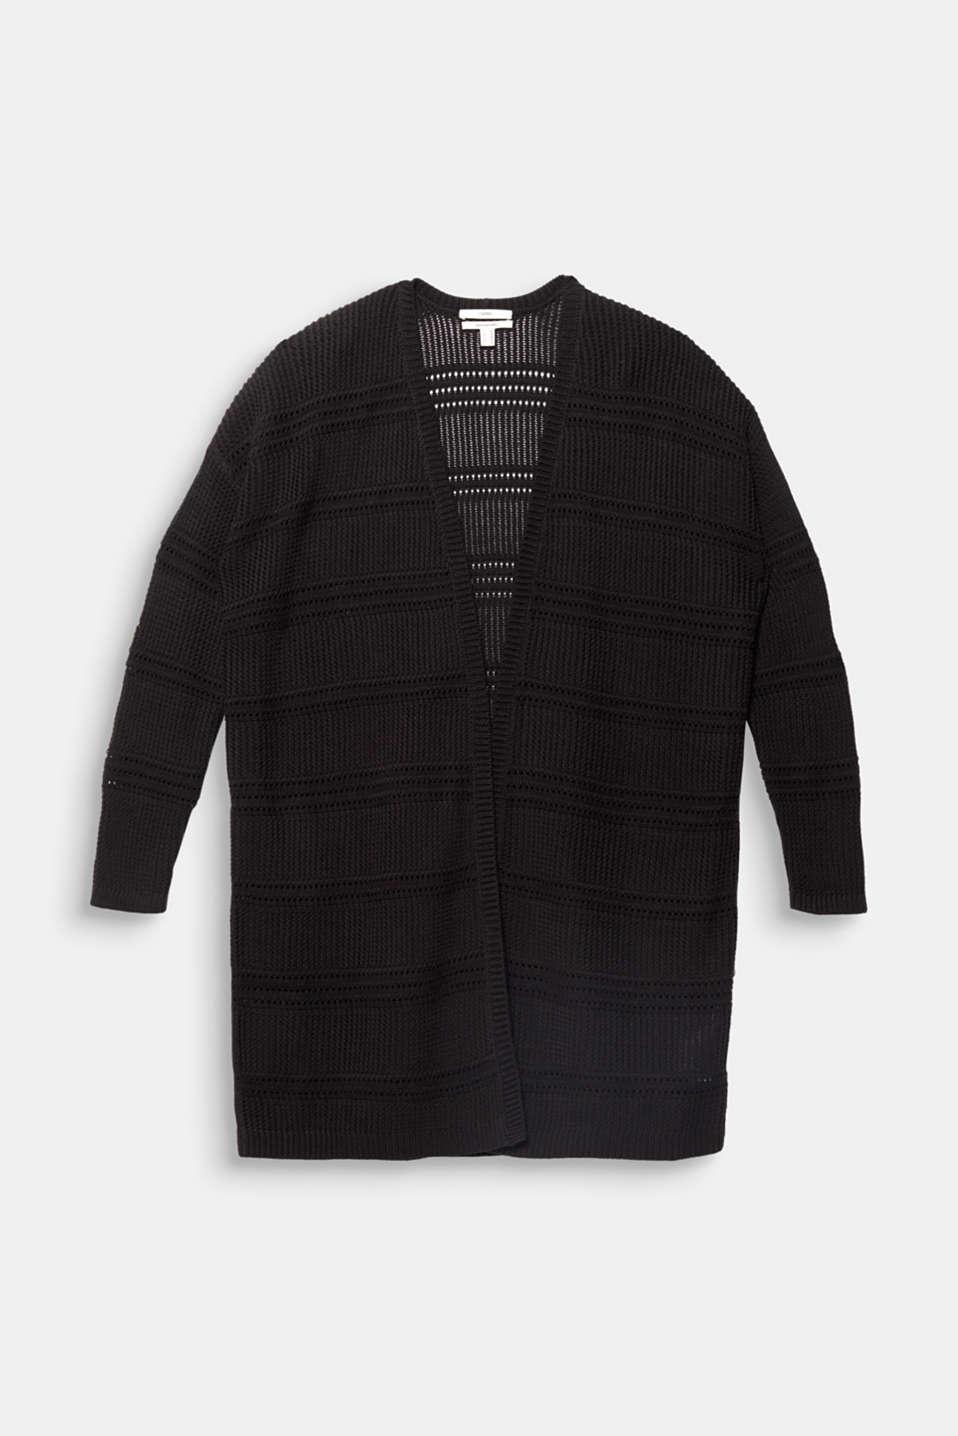 Curvy cardigan, organic cotton, BLACK, detail image number 6